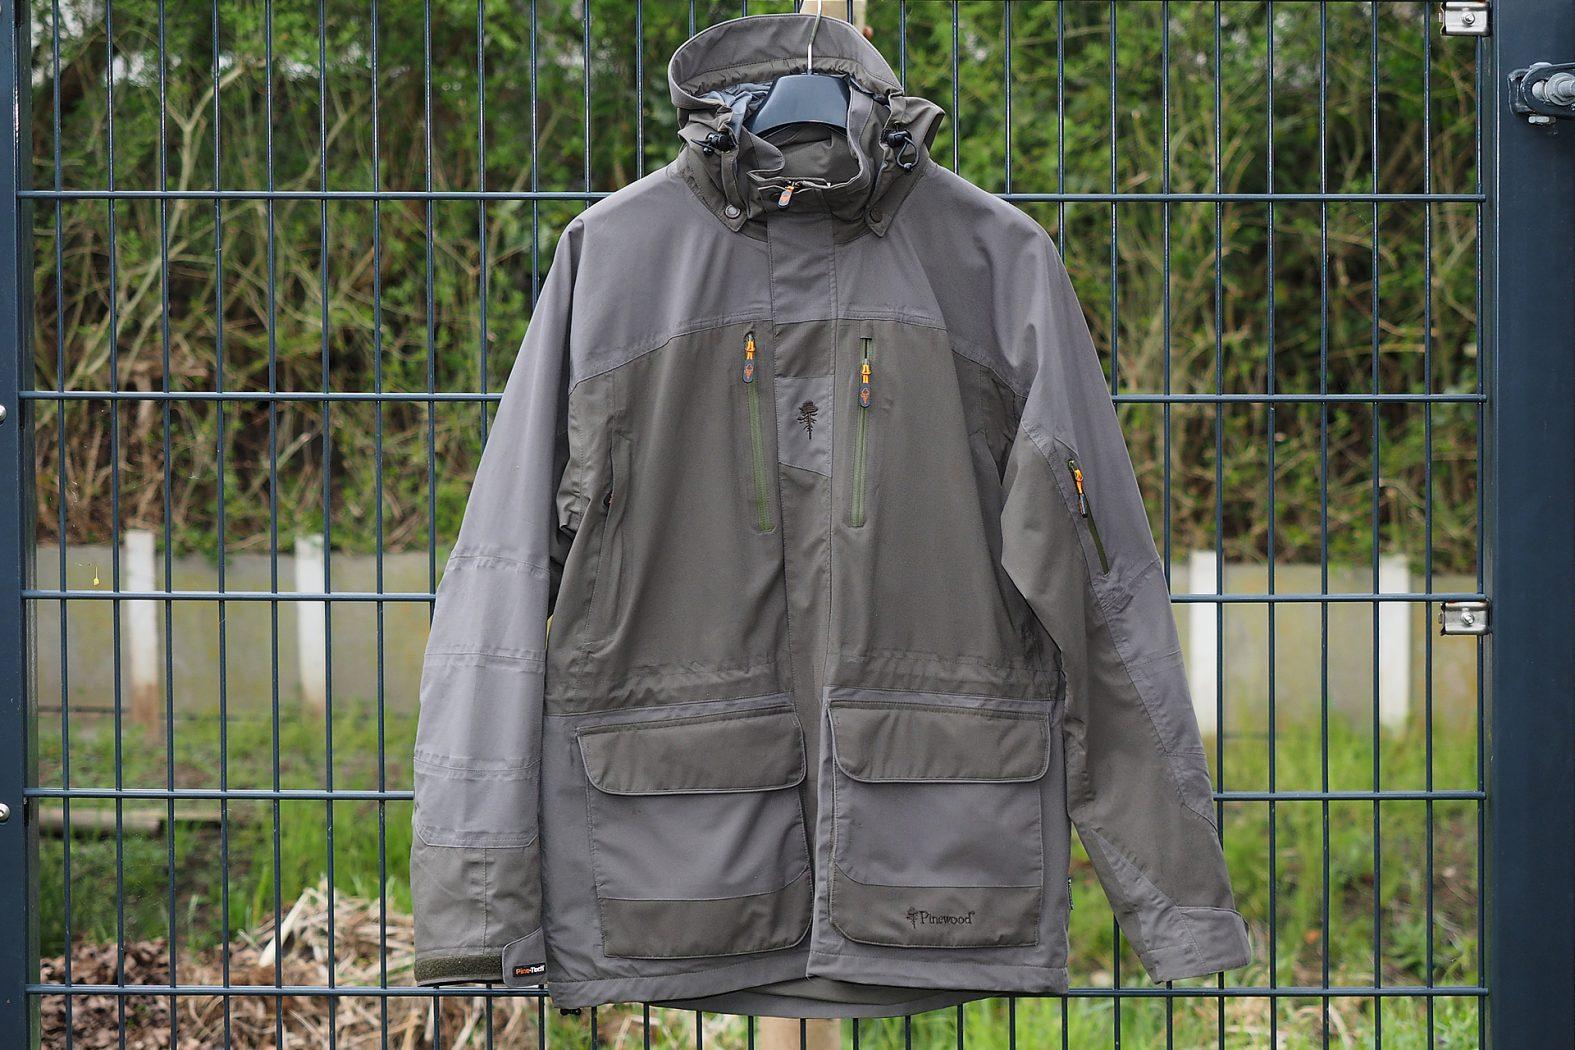 Outdoor-Jacke waschen und imprägnieren